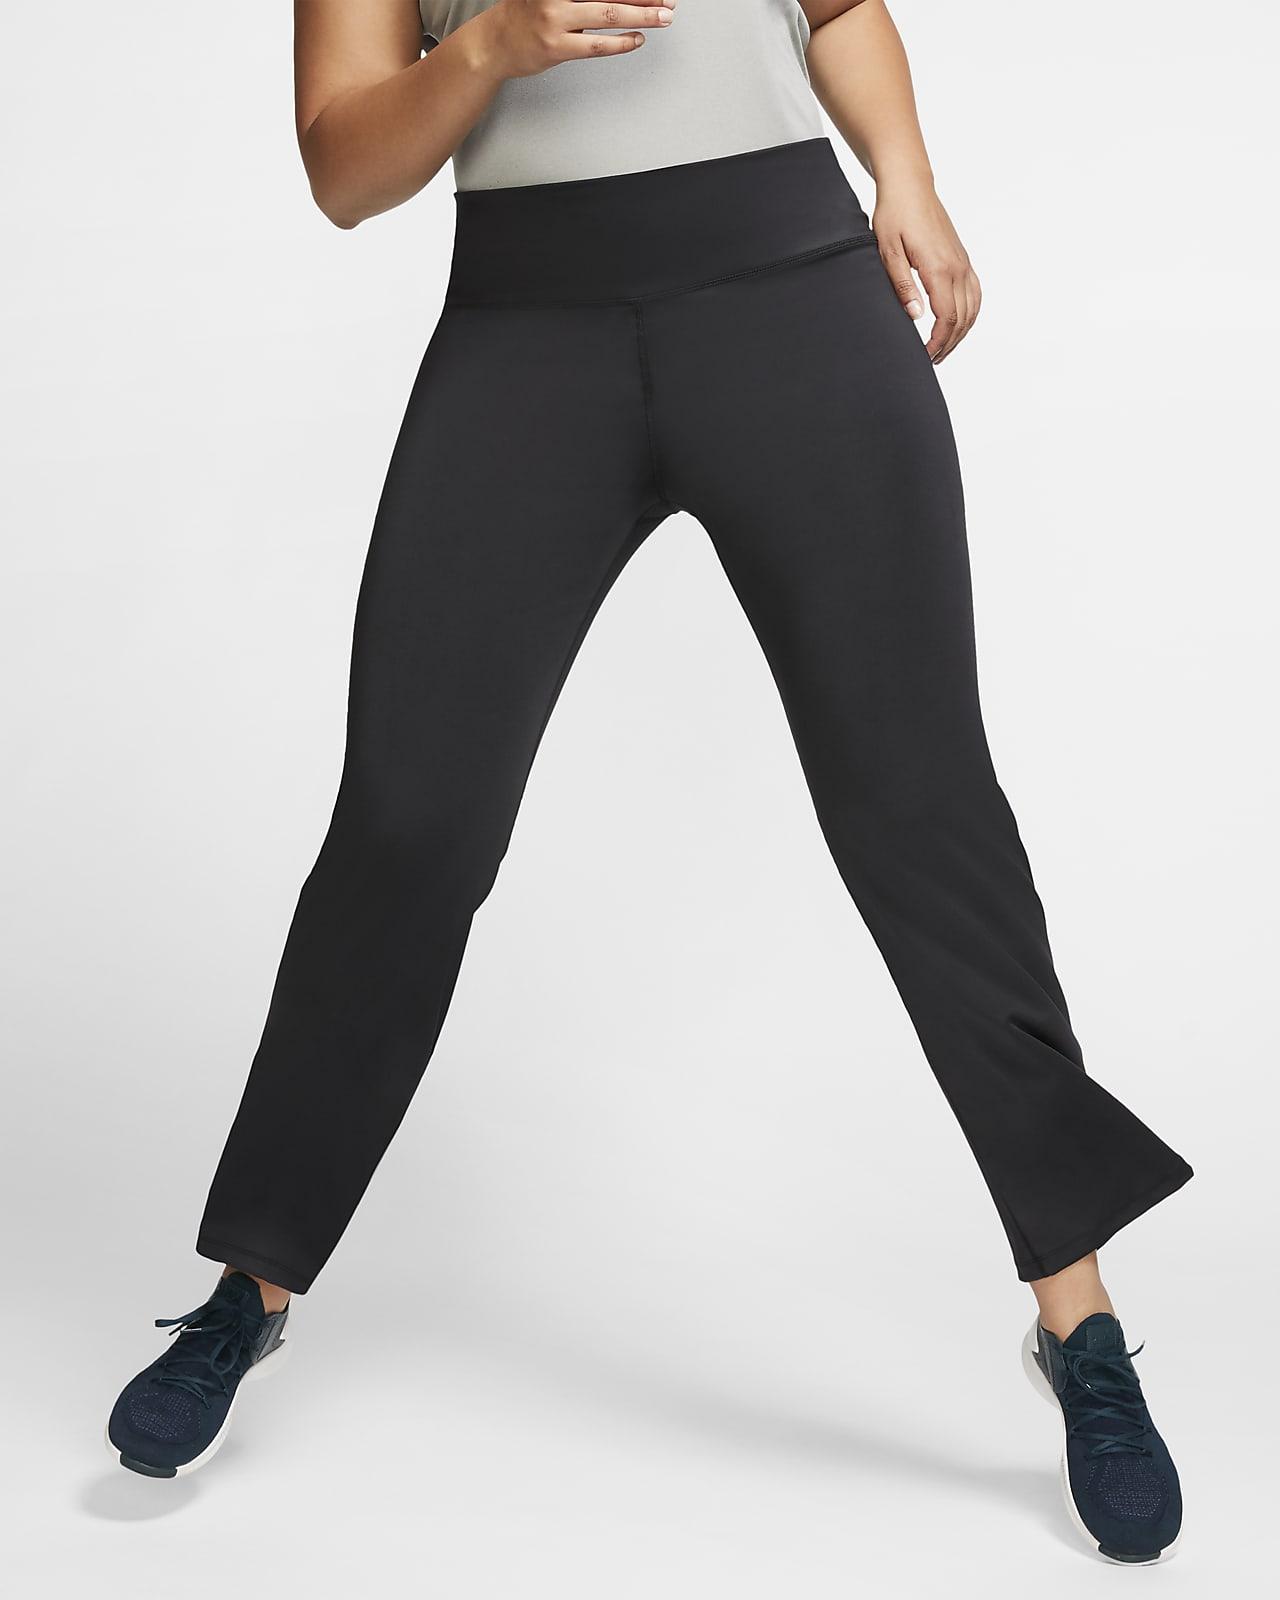 Pantalon de training Nike Power pour Femme (grande taille)